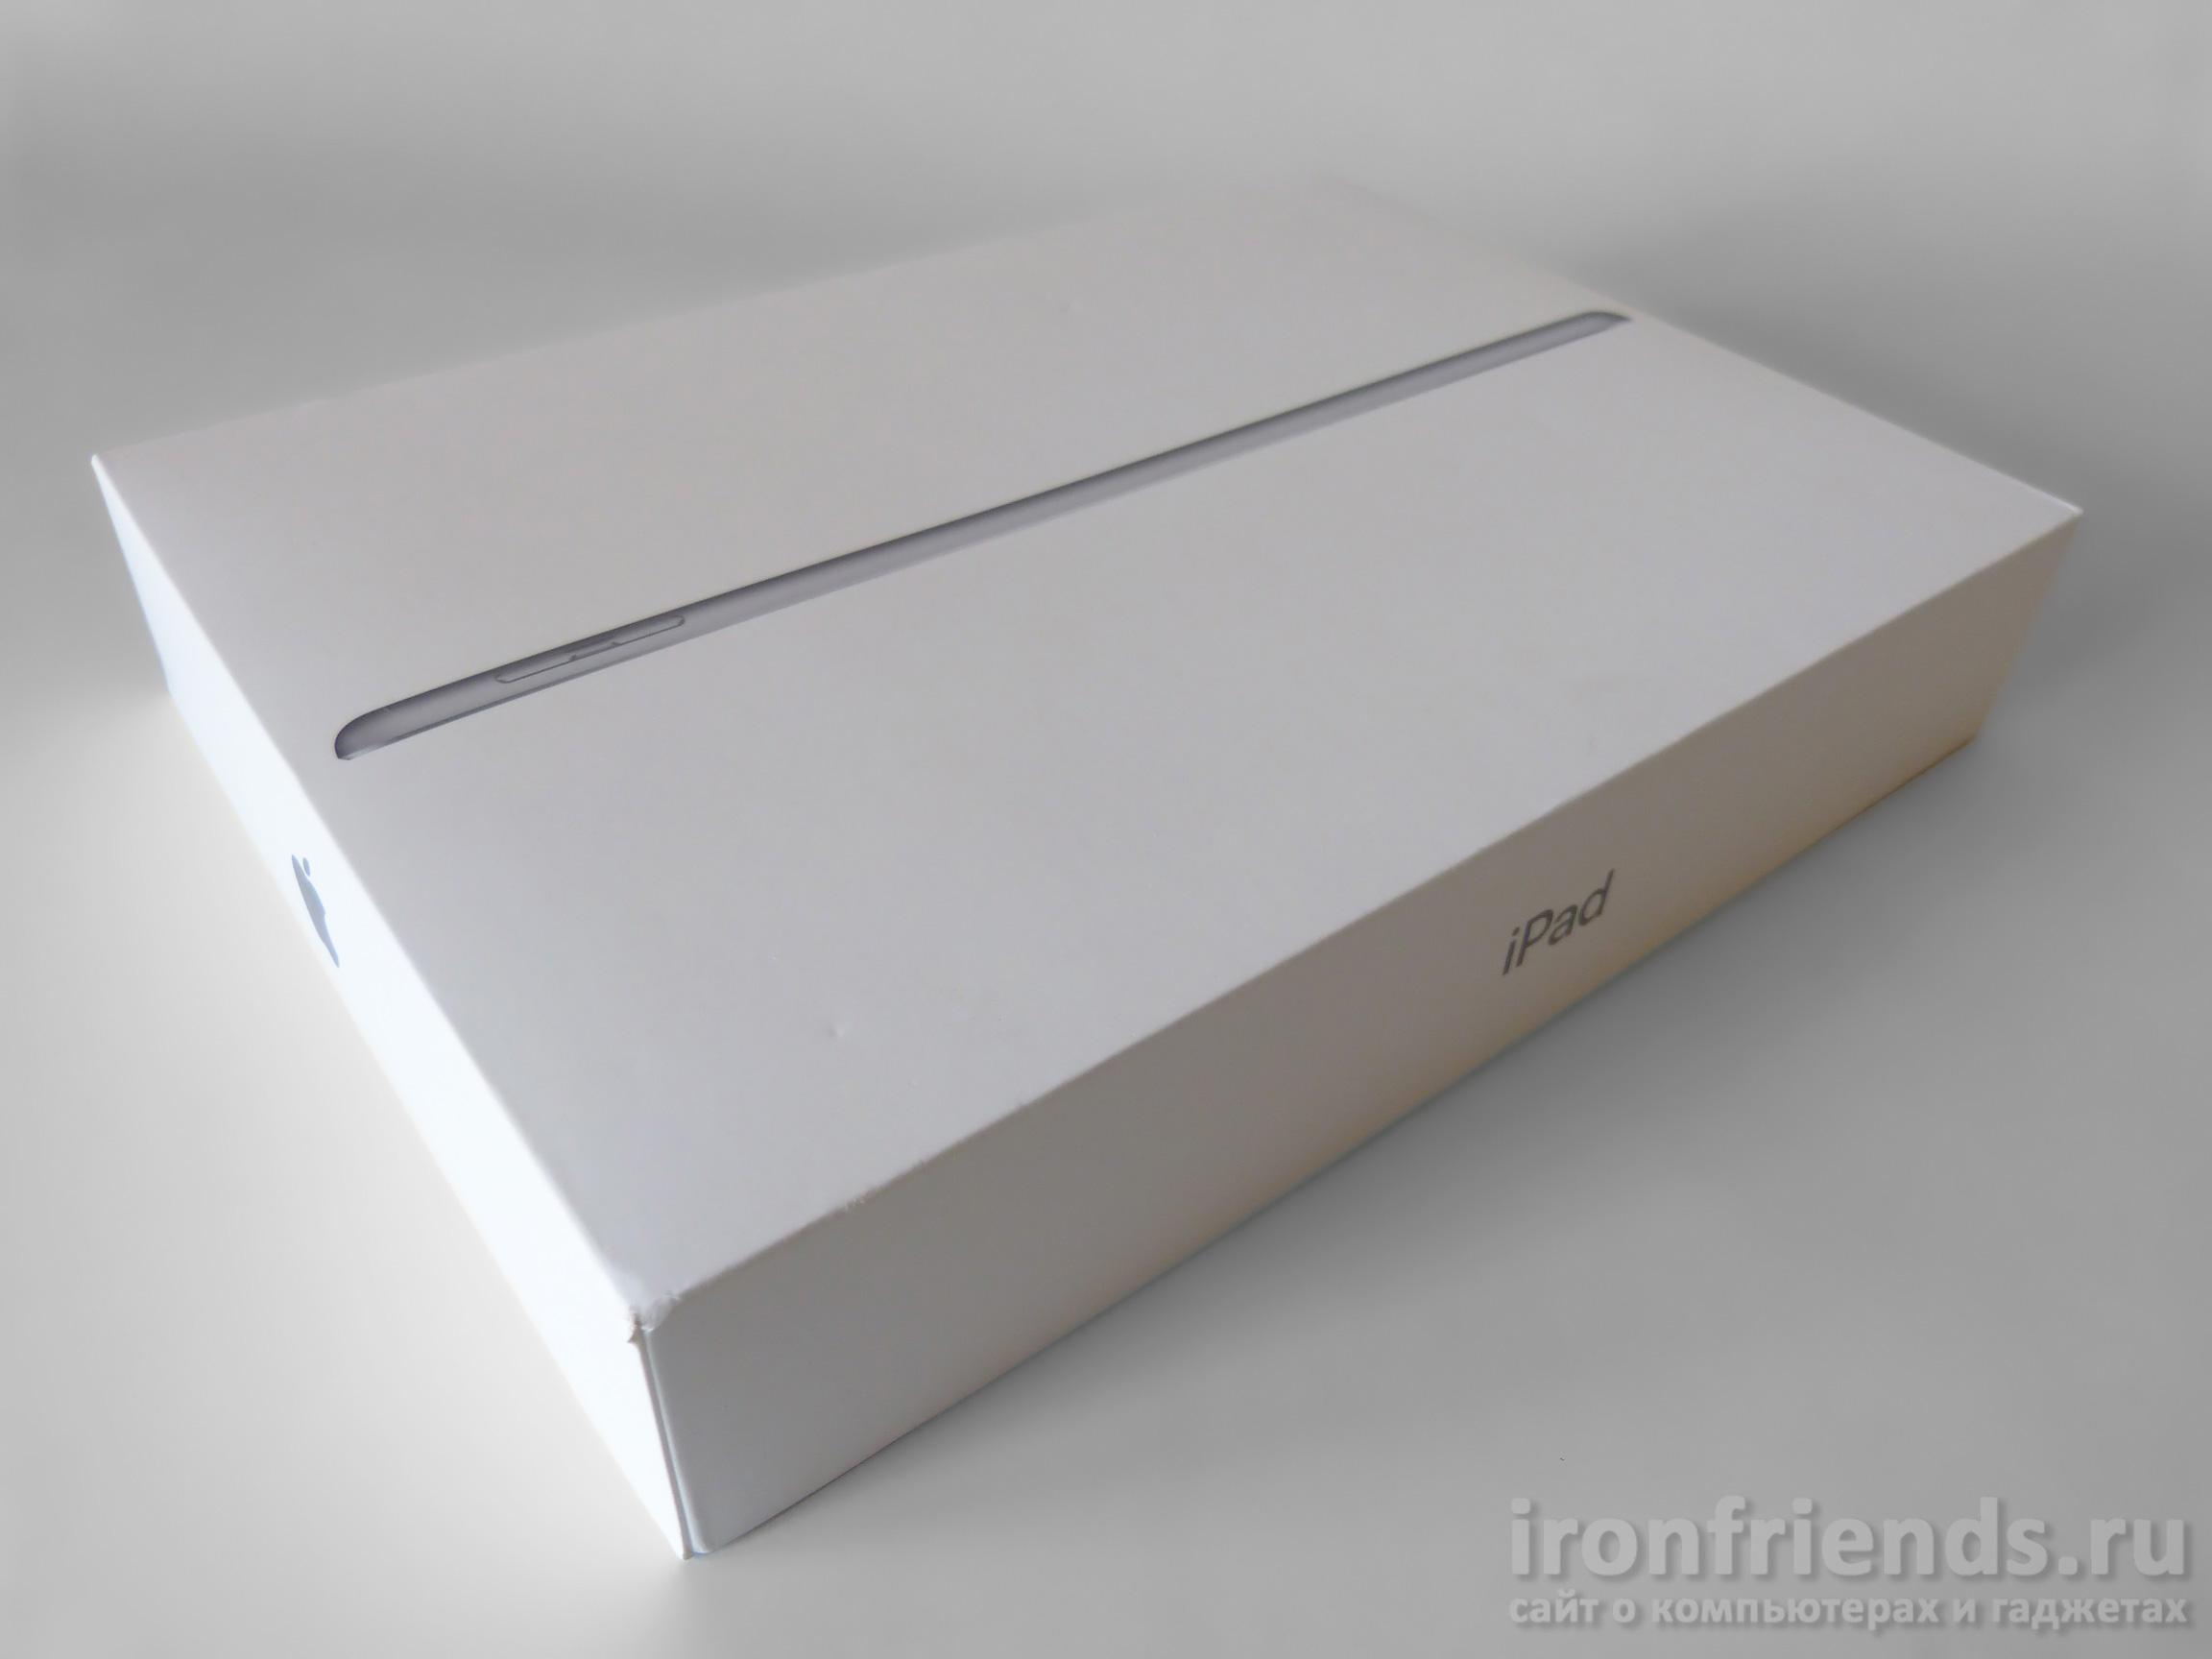 Упаковка iPad 2017